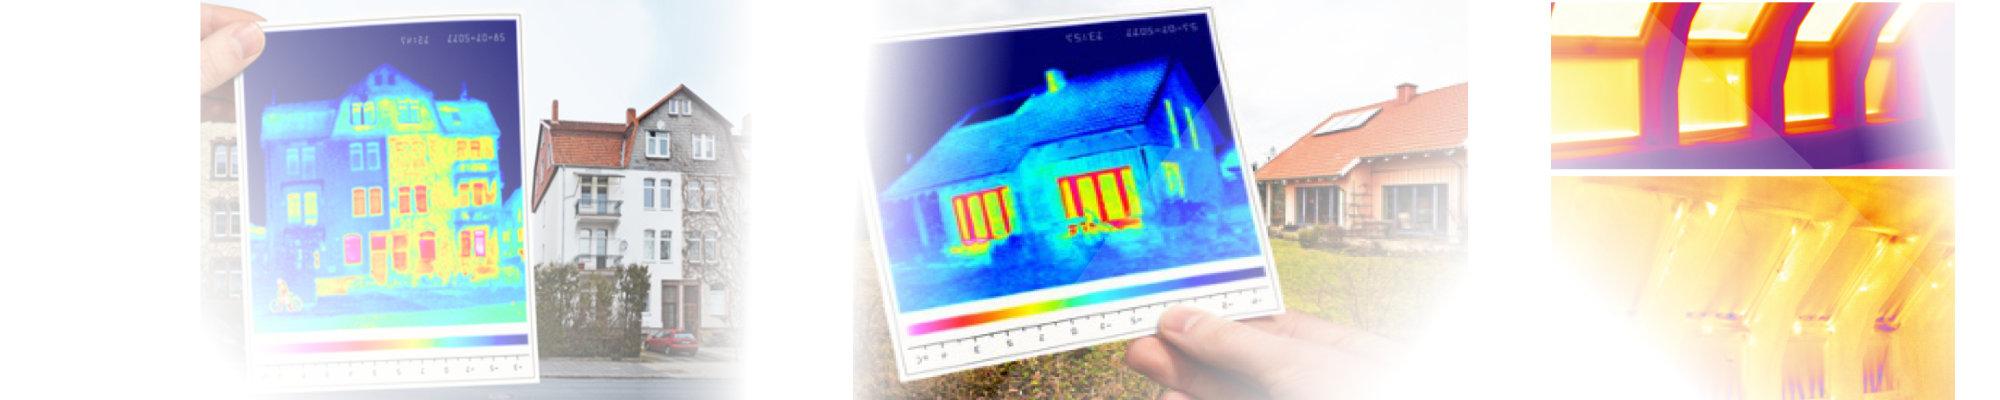 Thermografie Energieberater für Wohngebäude und Denkmal, Hof, Bamberg, Nürnberg